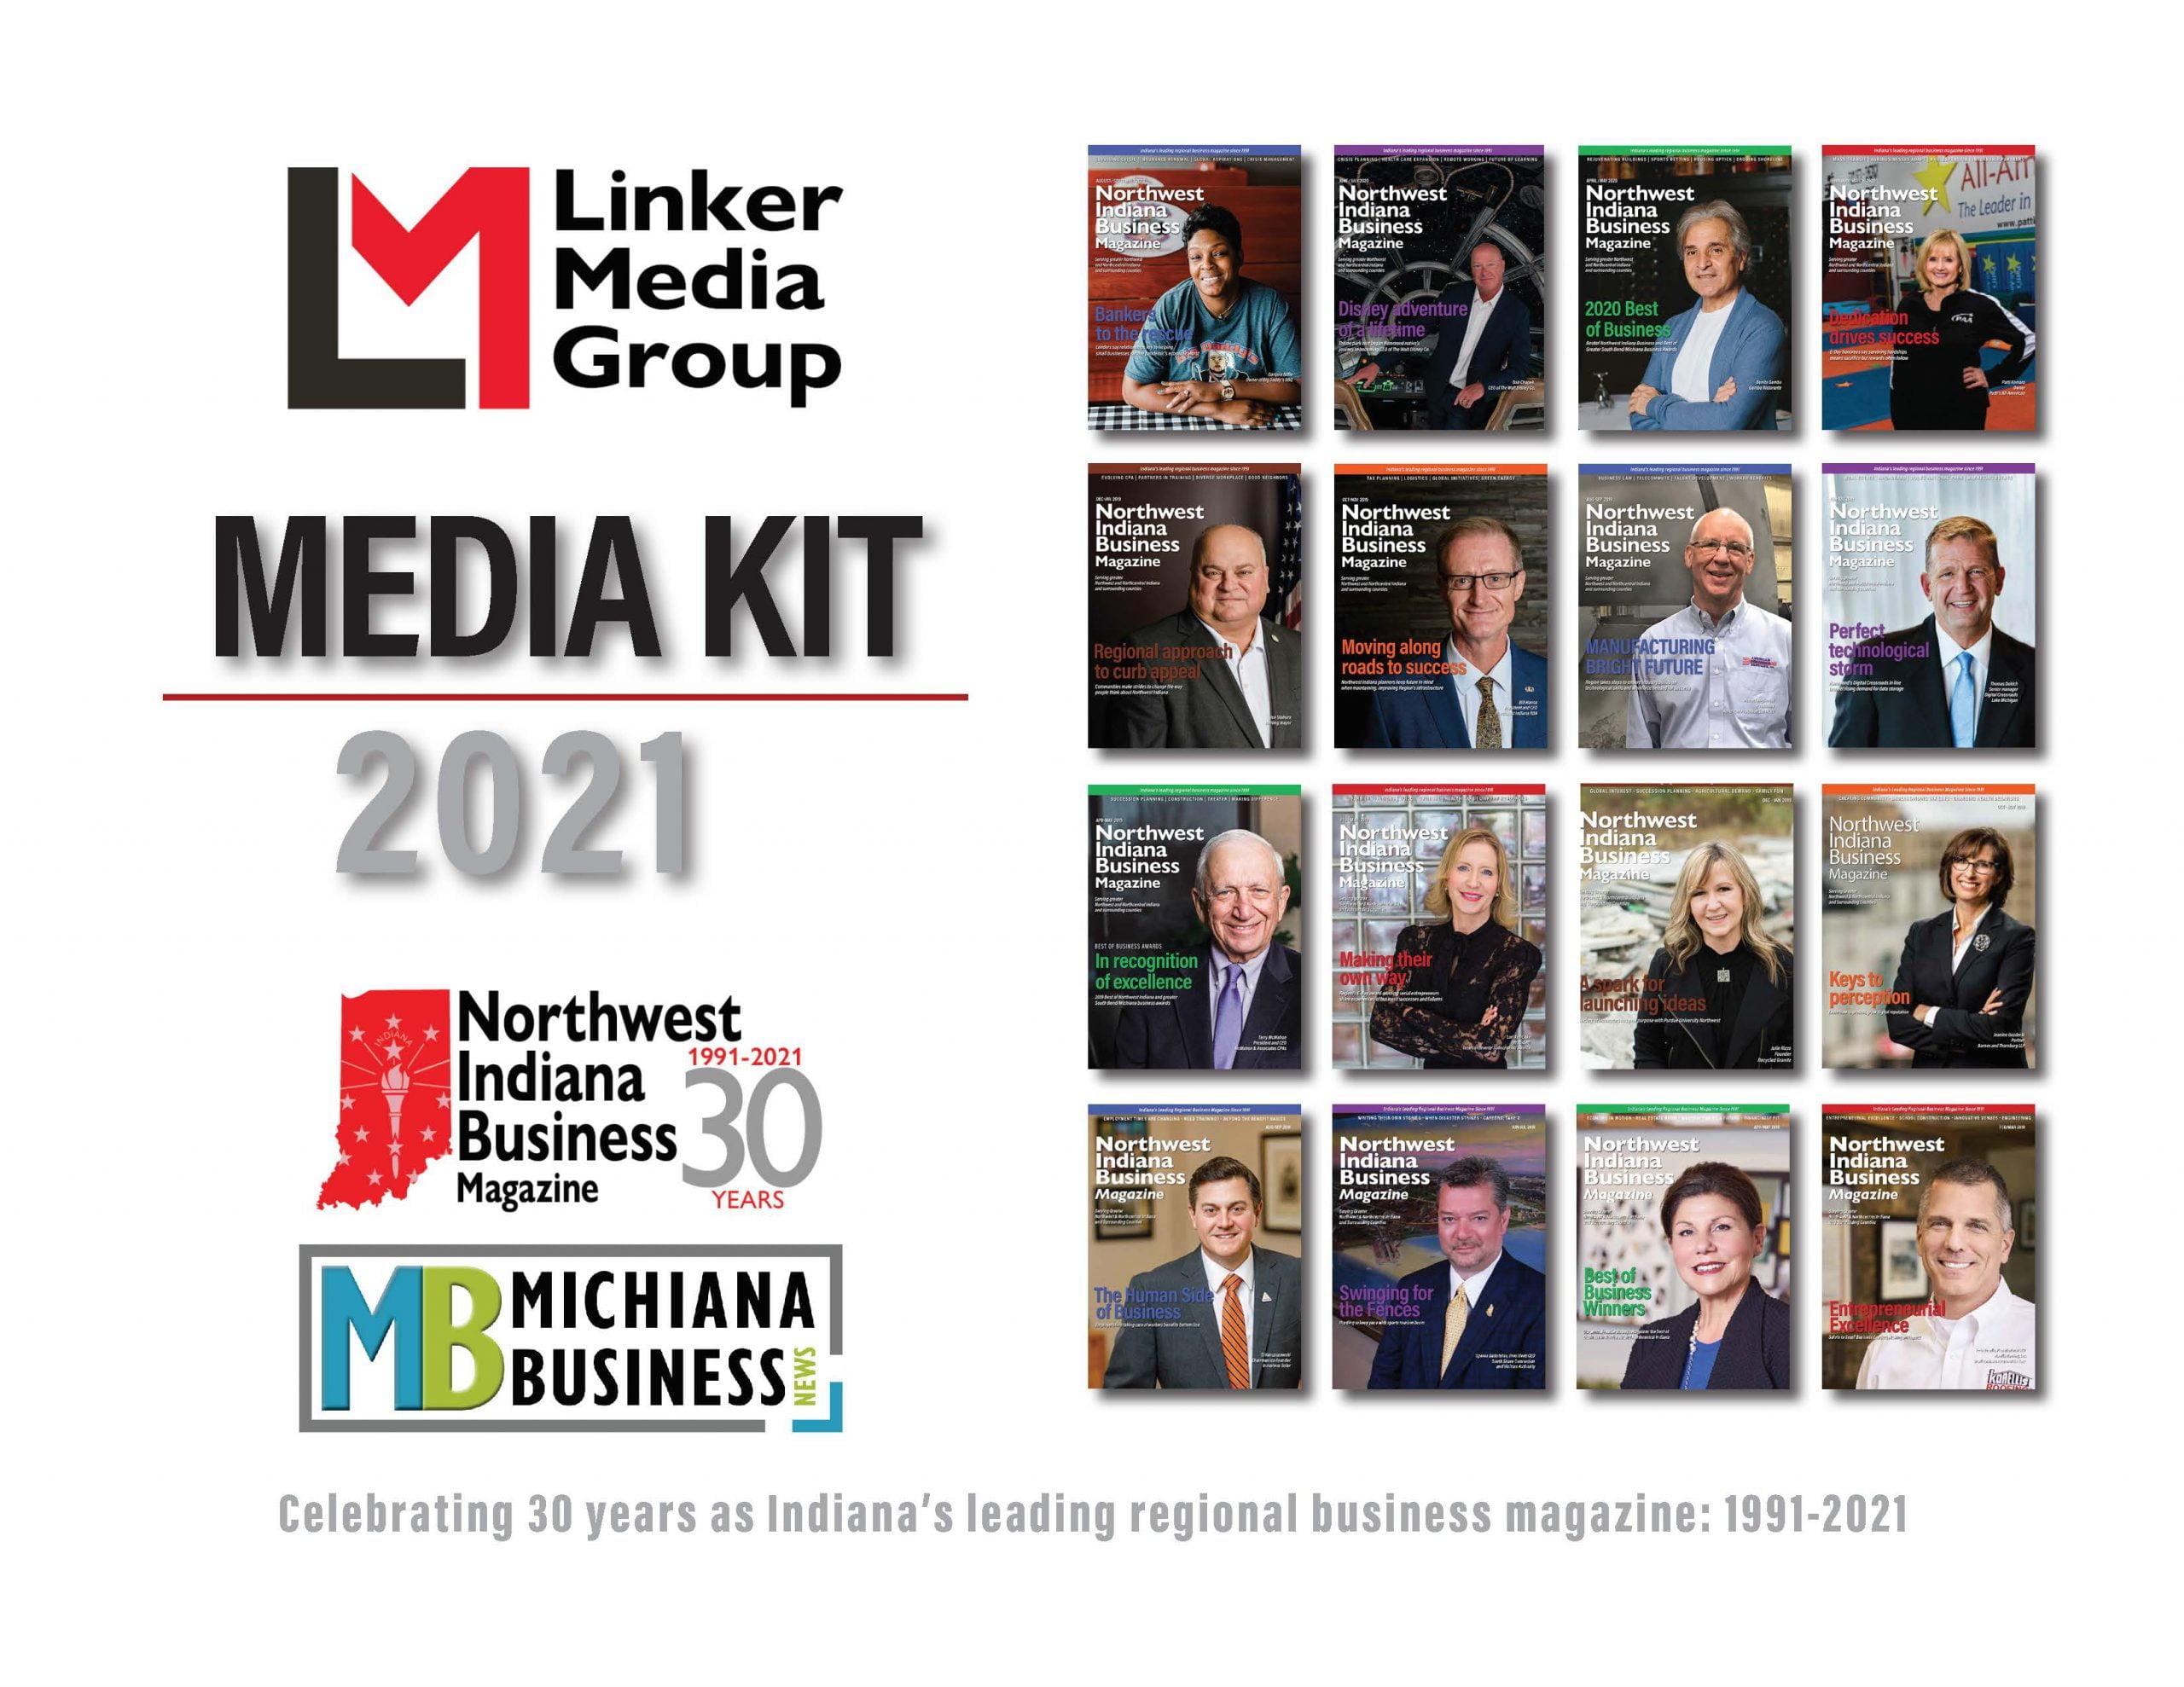 2021 Northwest Indiana Business Magazine Media Kit cover image